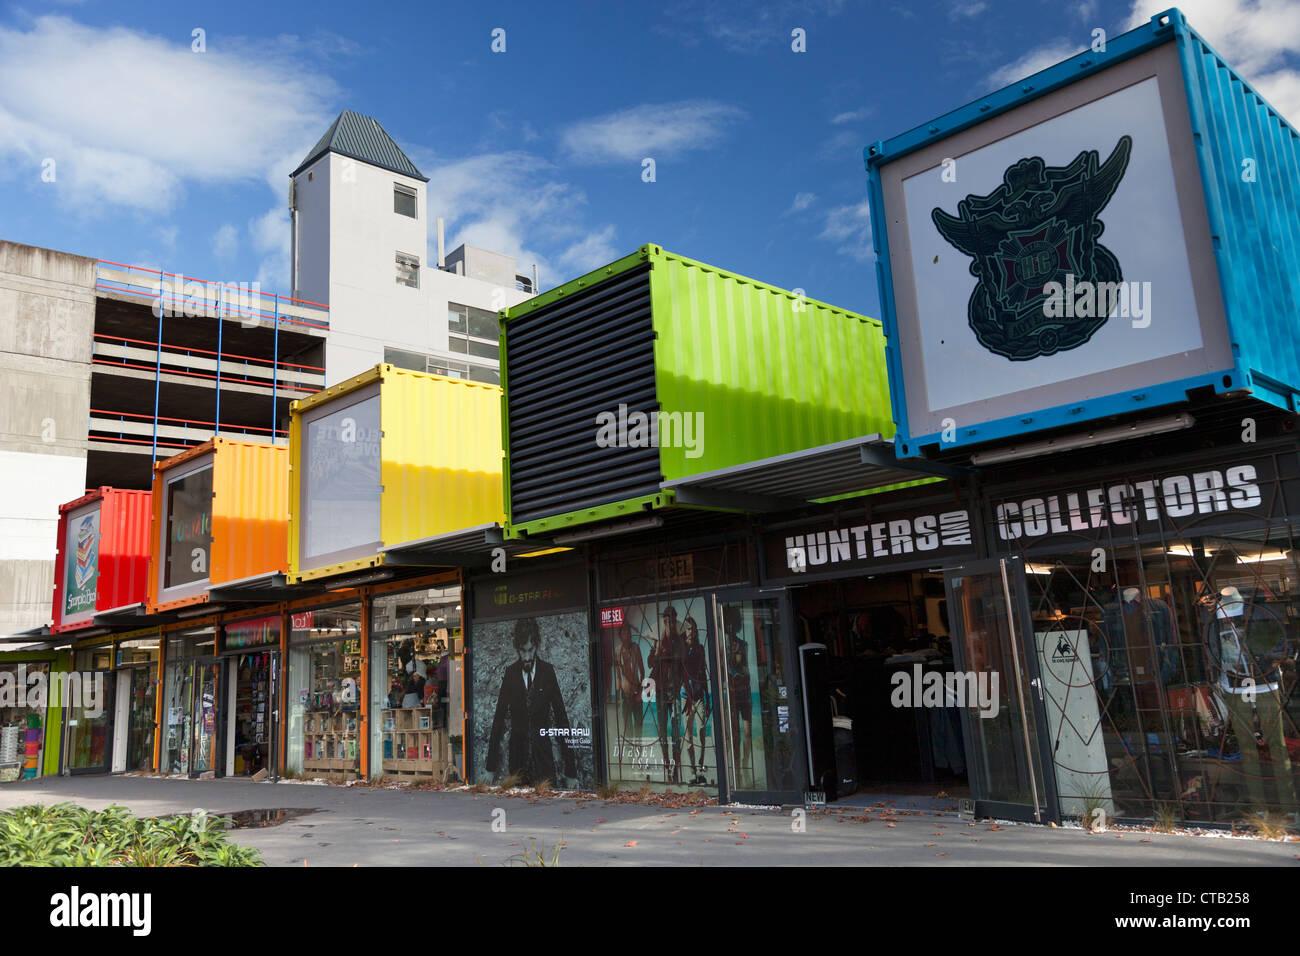 Christchurch News Photo: Post-quake Christchurch, New Zealand